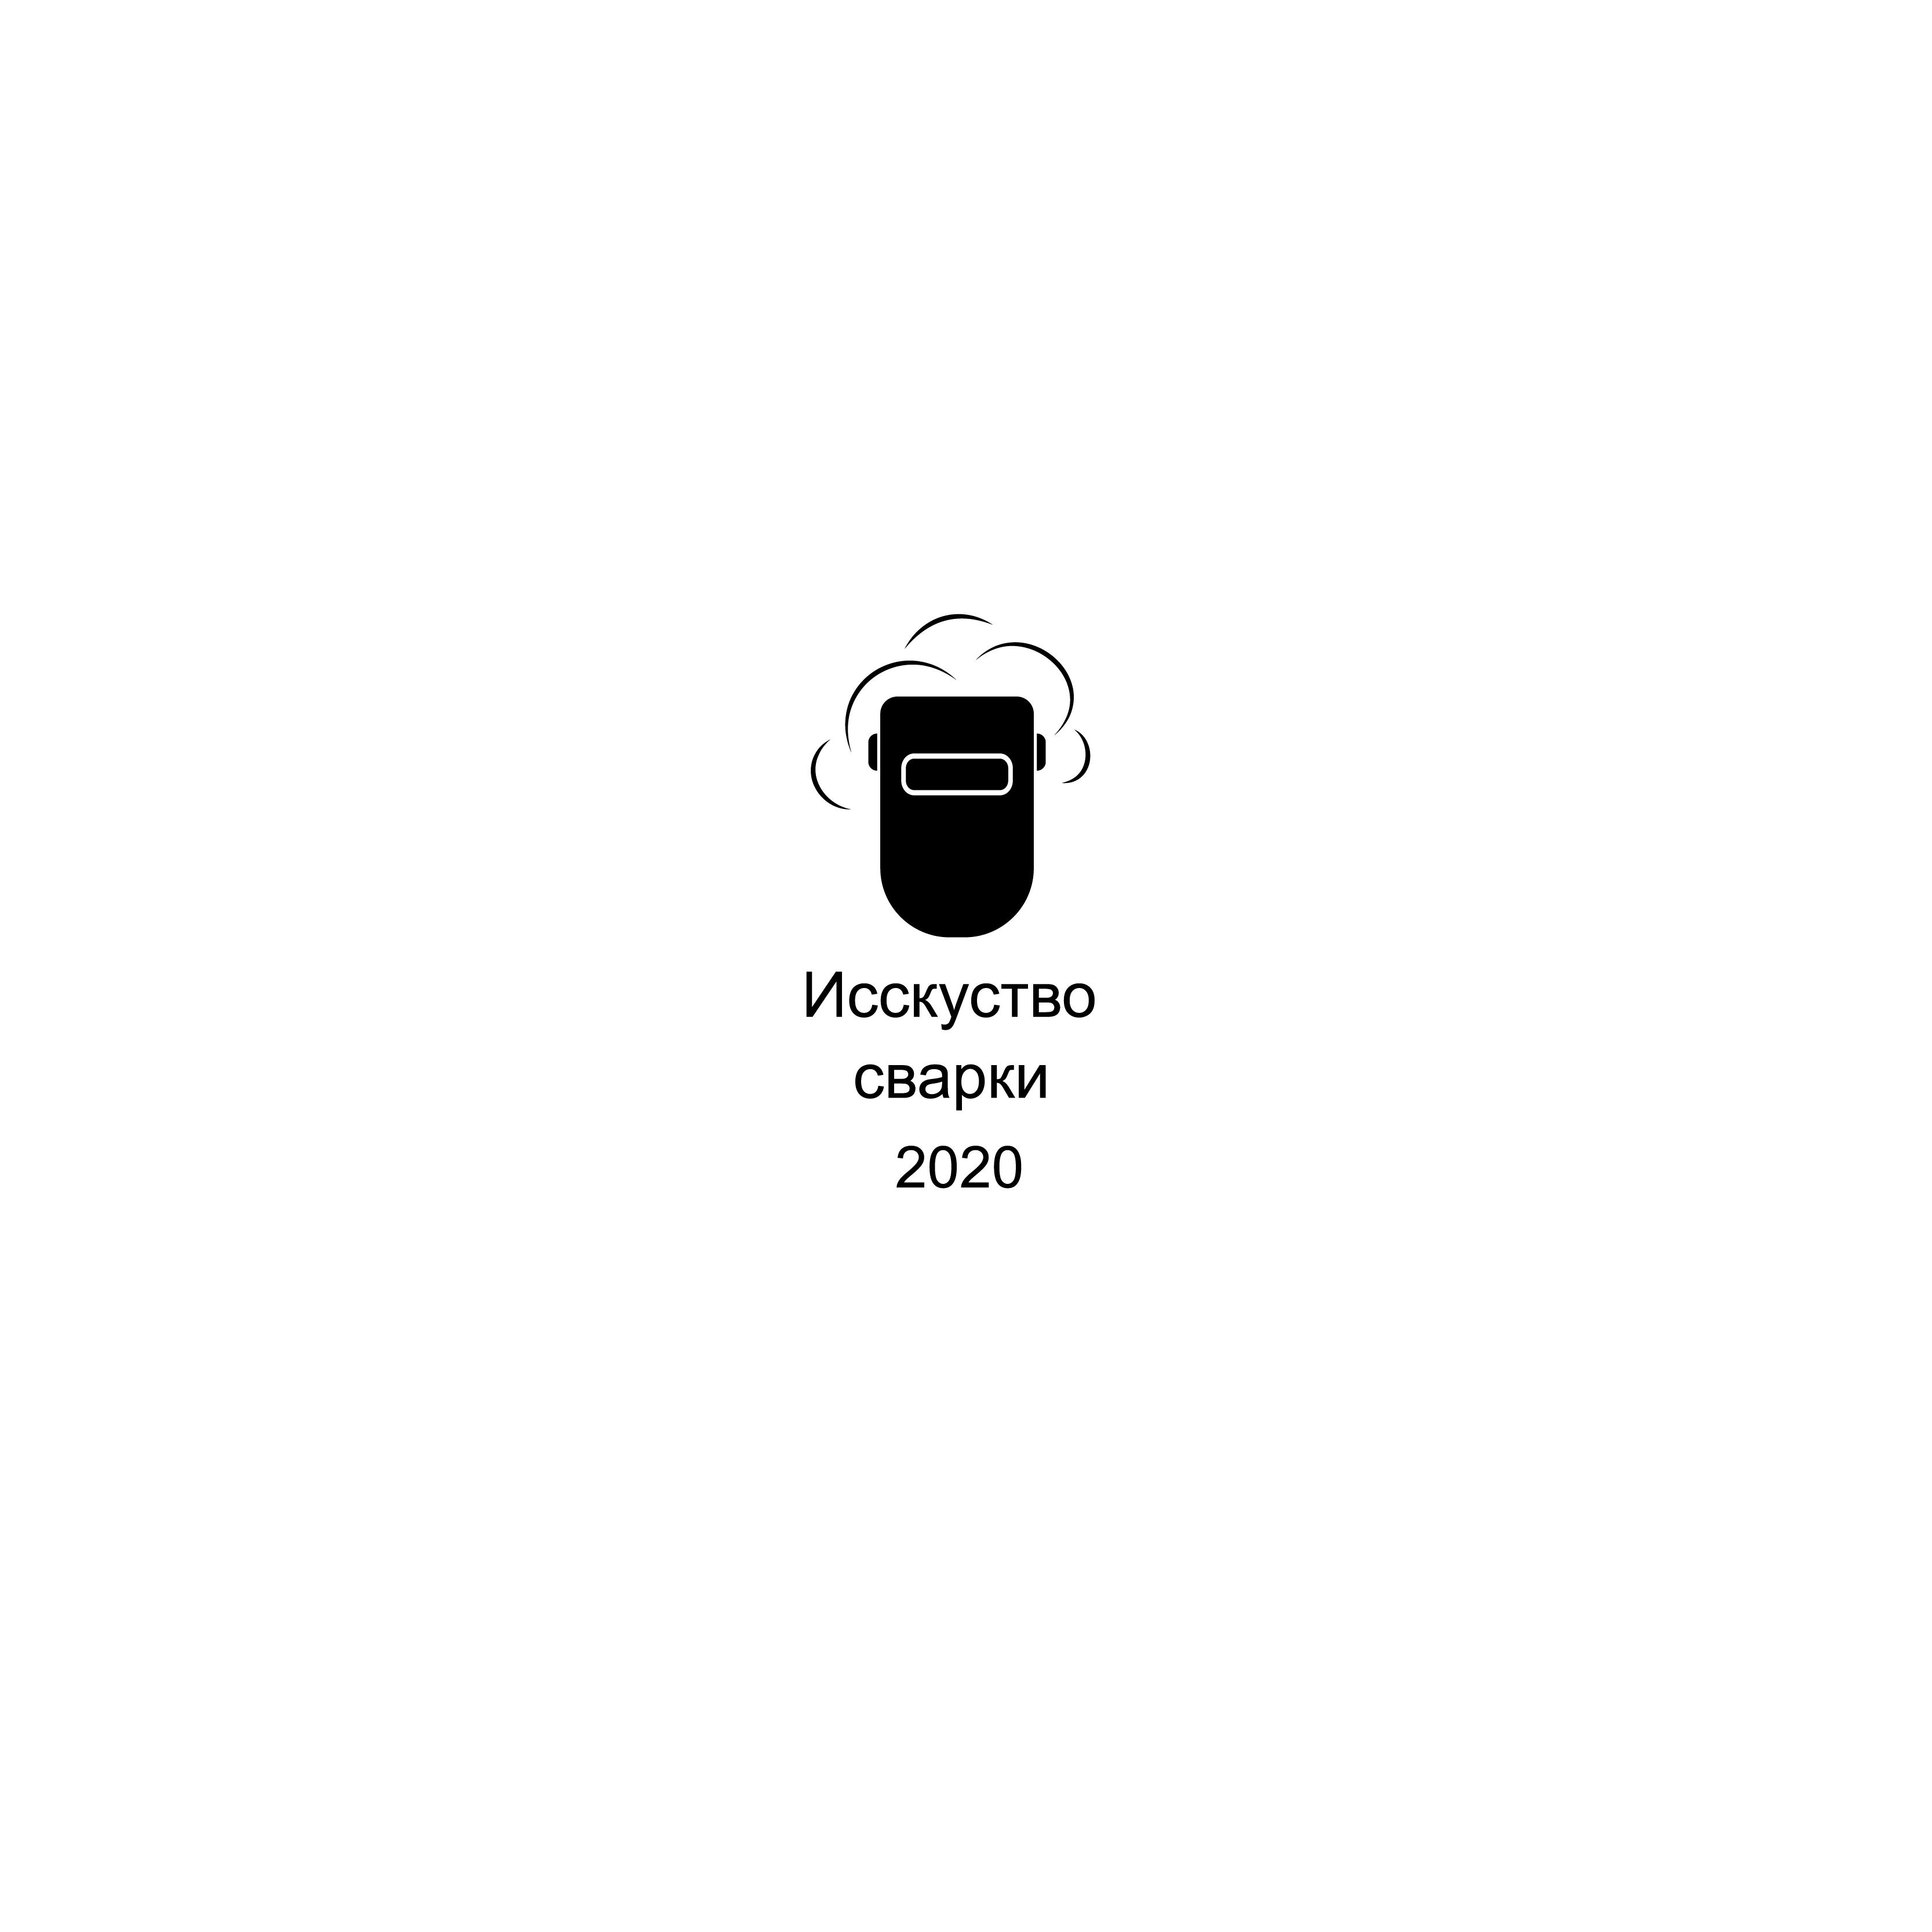 Разработка логотипа для Конкурса фото f_0275f6e2aa475ea8.png